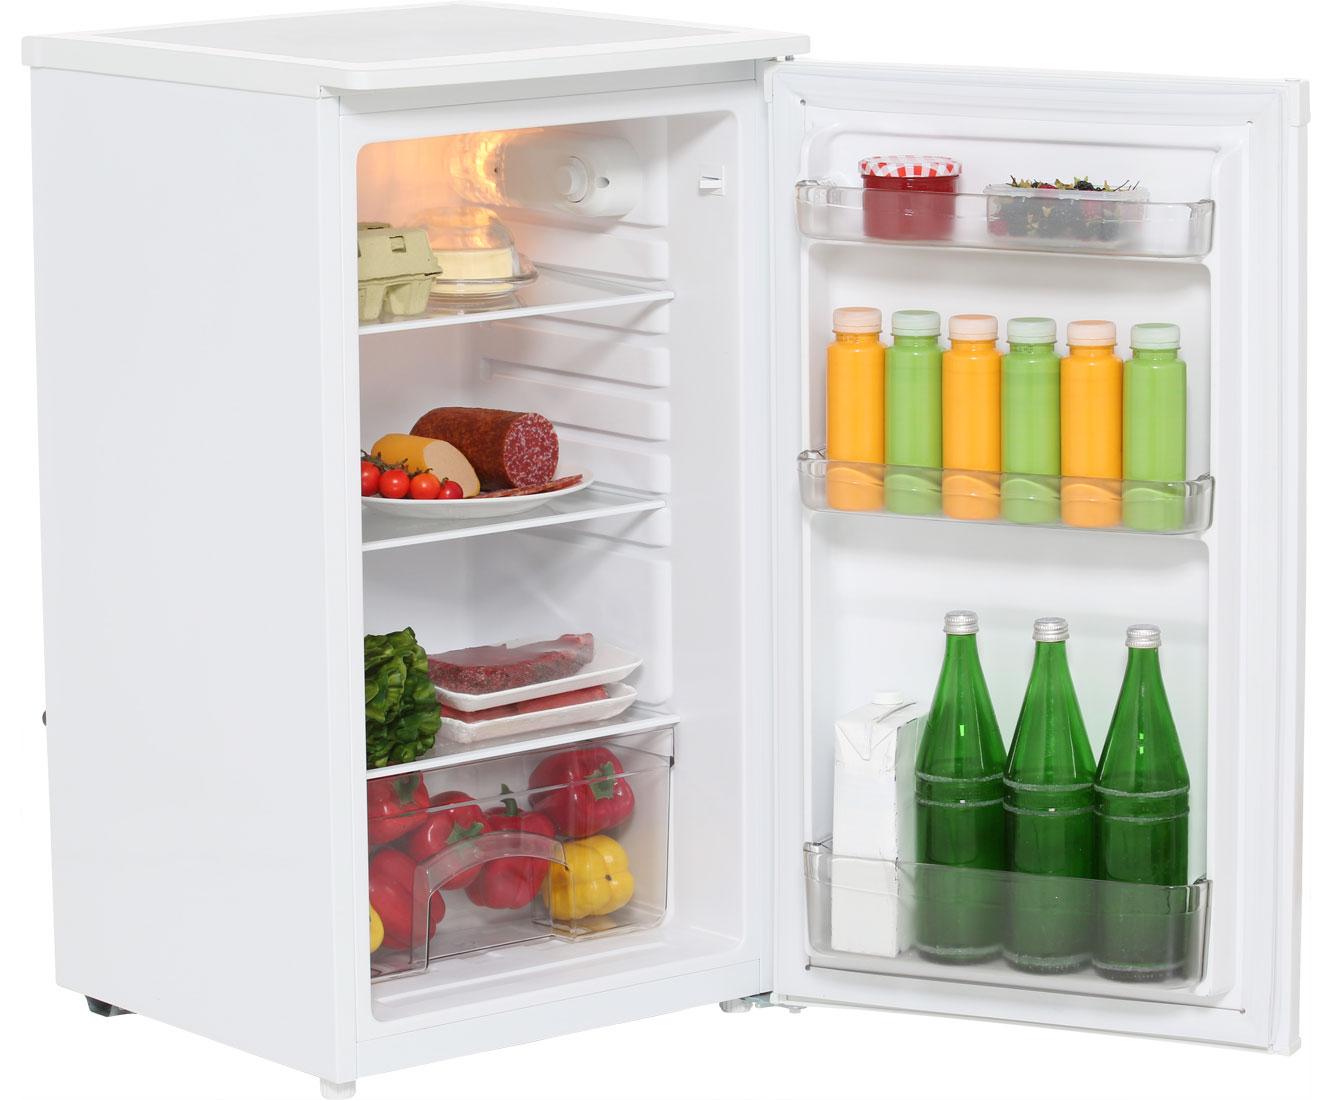 Amica Kühlschrank Einstellung : Amica retro kühlschrank bedienungsanleitung amica stark in sachen